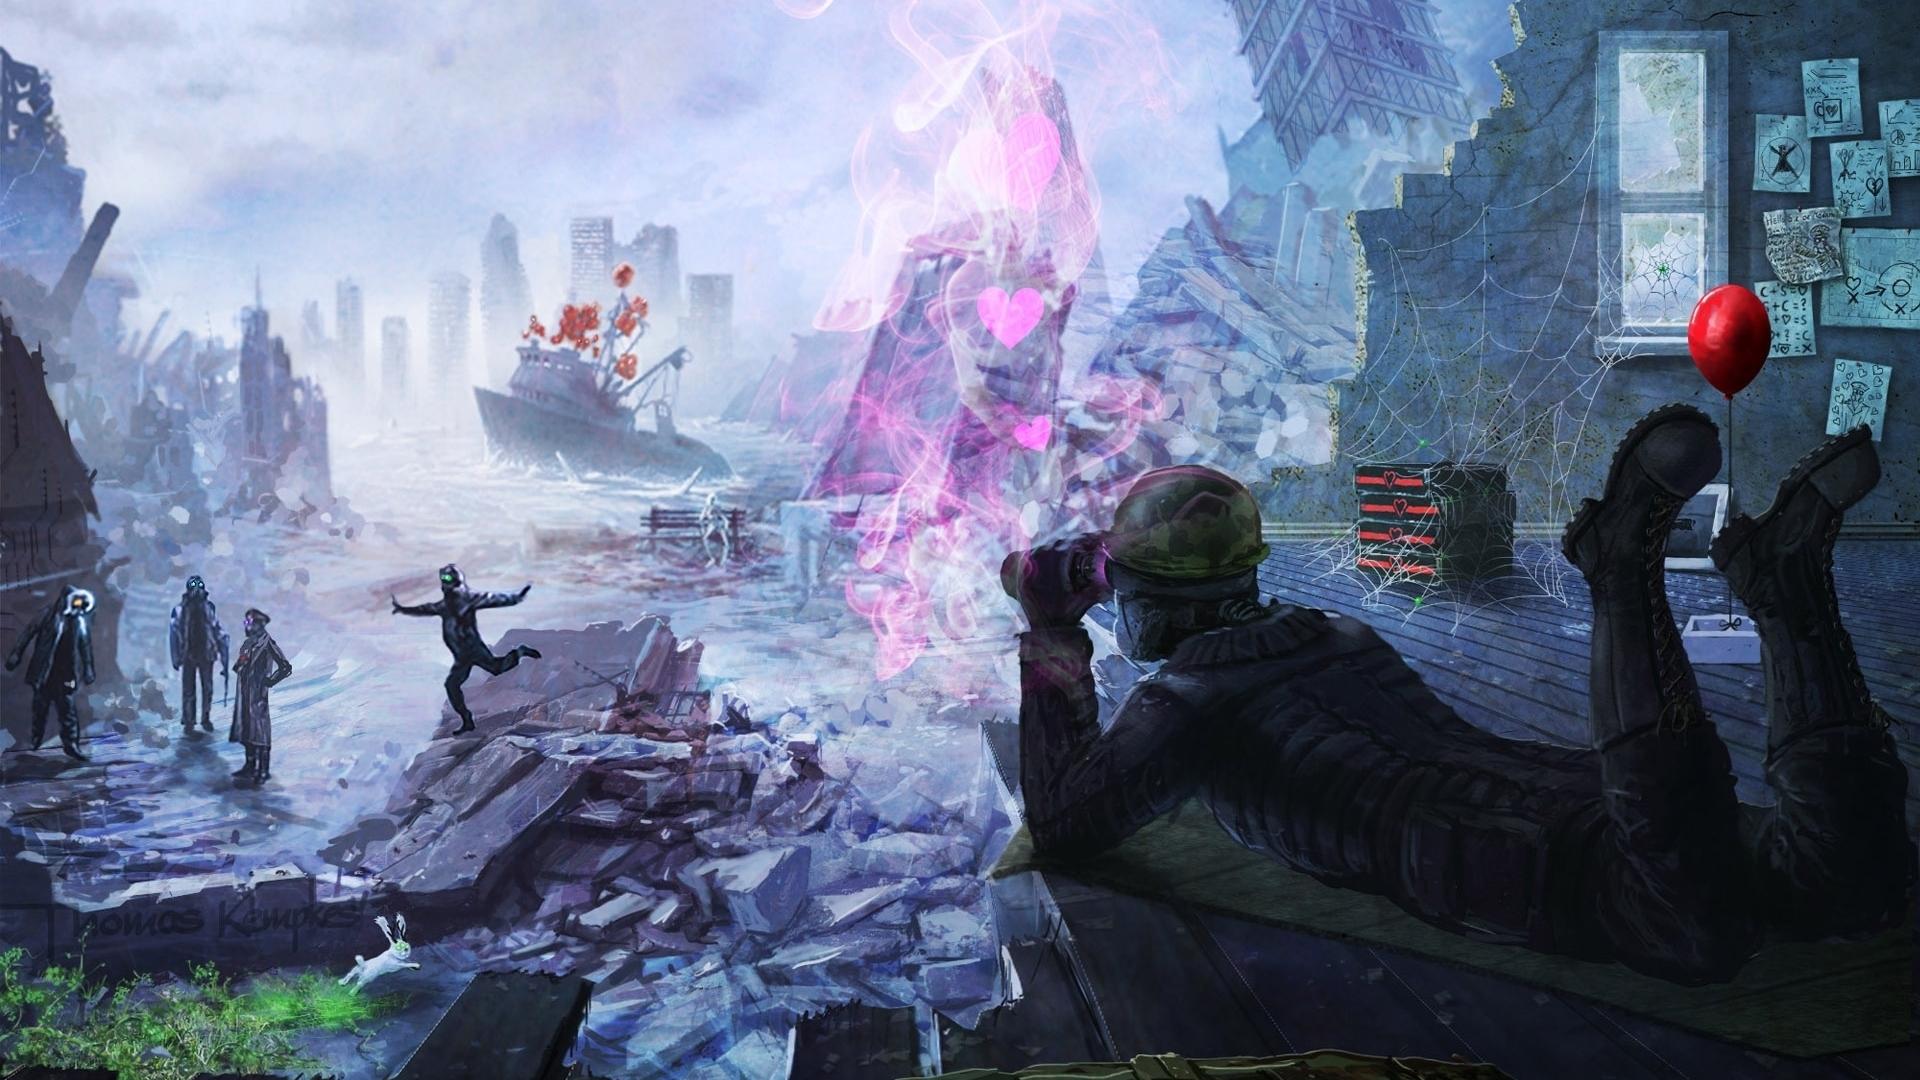 27863 Hintergrundbild herunterladen Fantasie, Soldiers - Bildschirmschoner und Bilder kostenlos